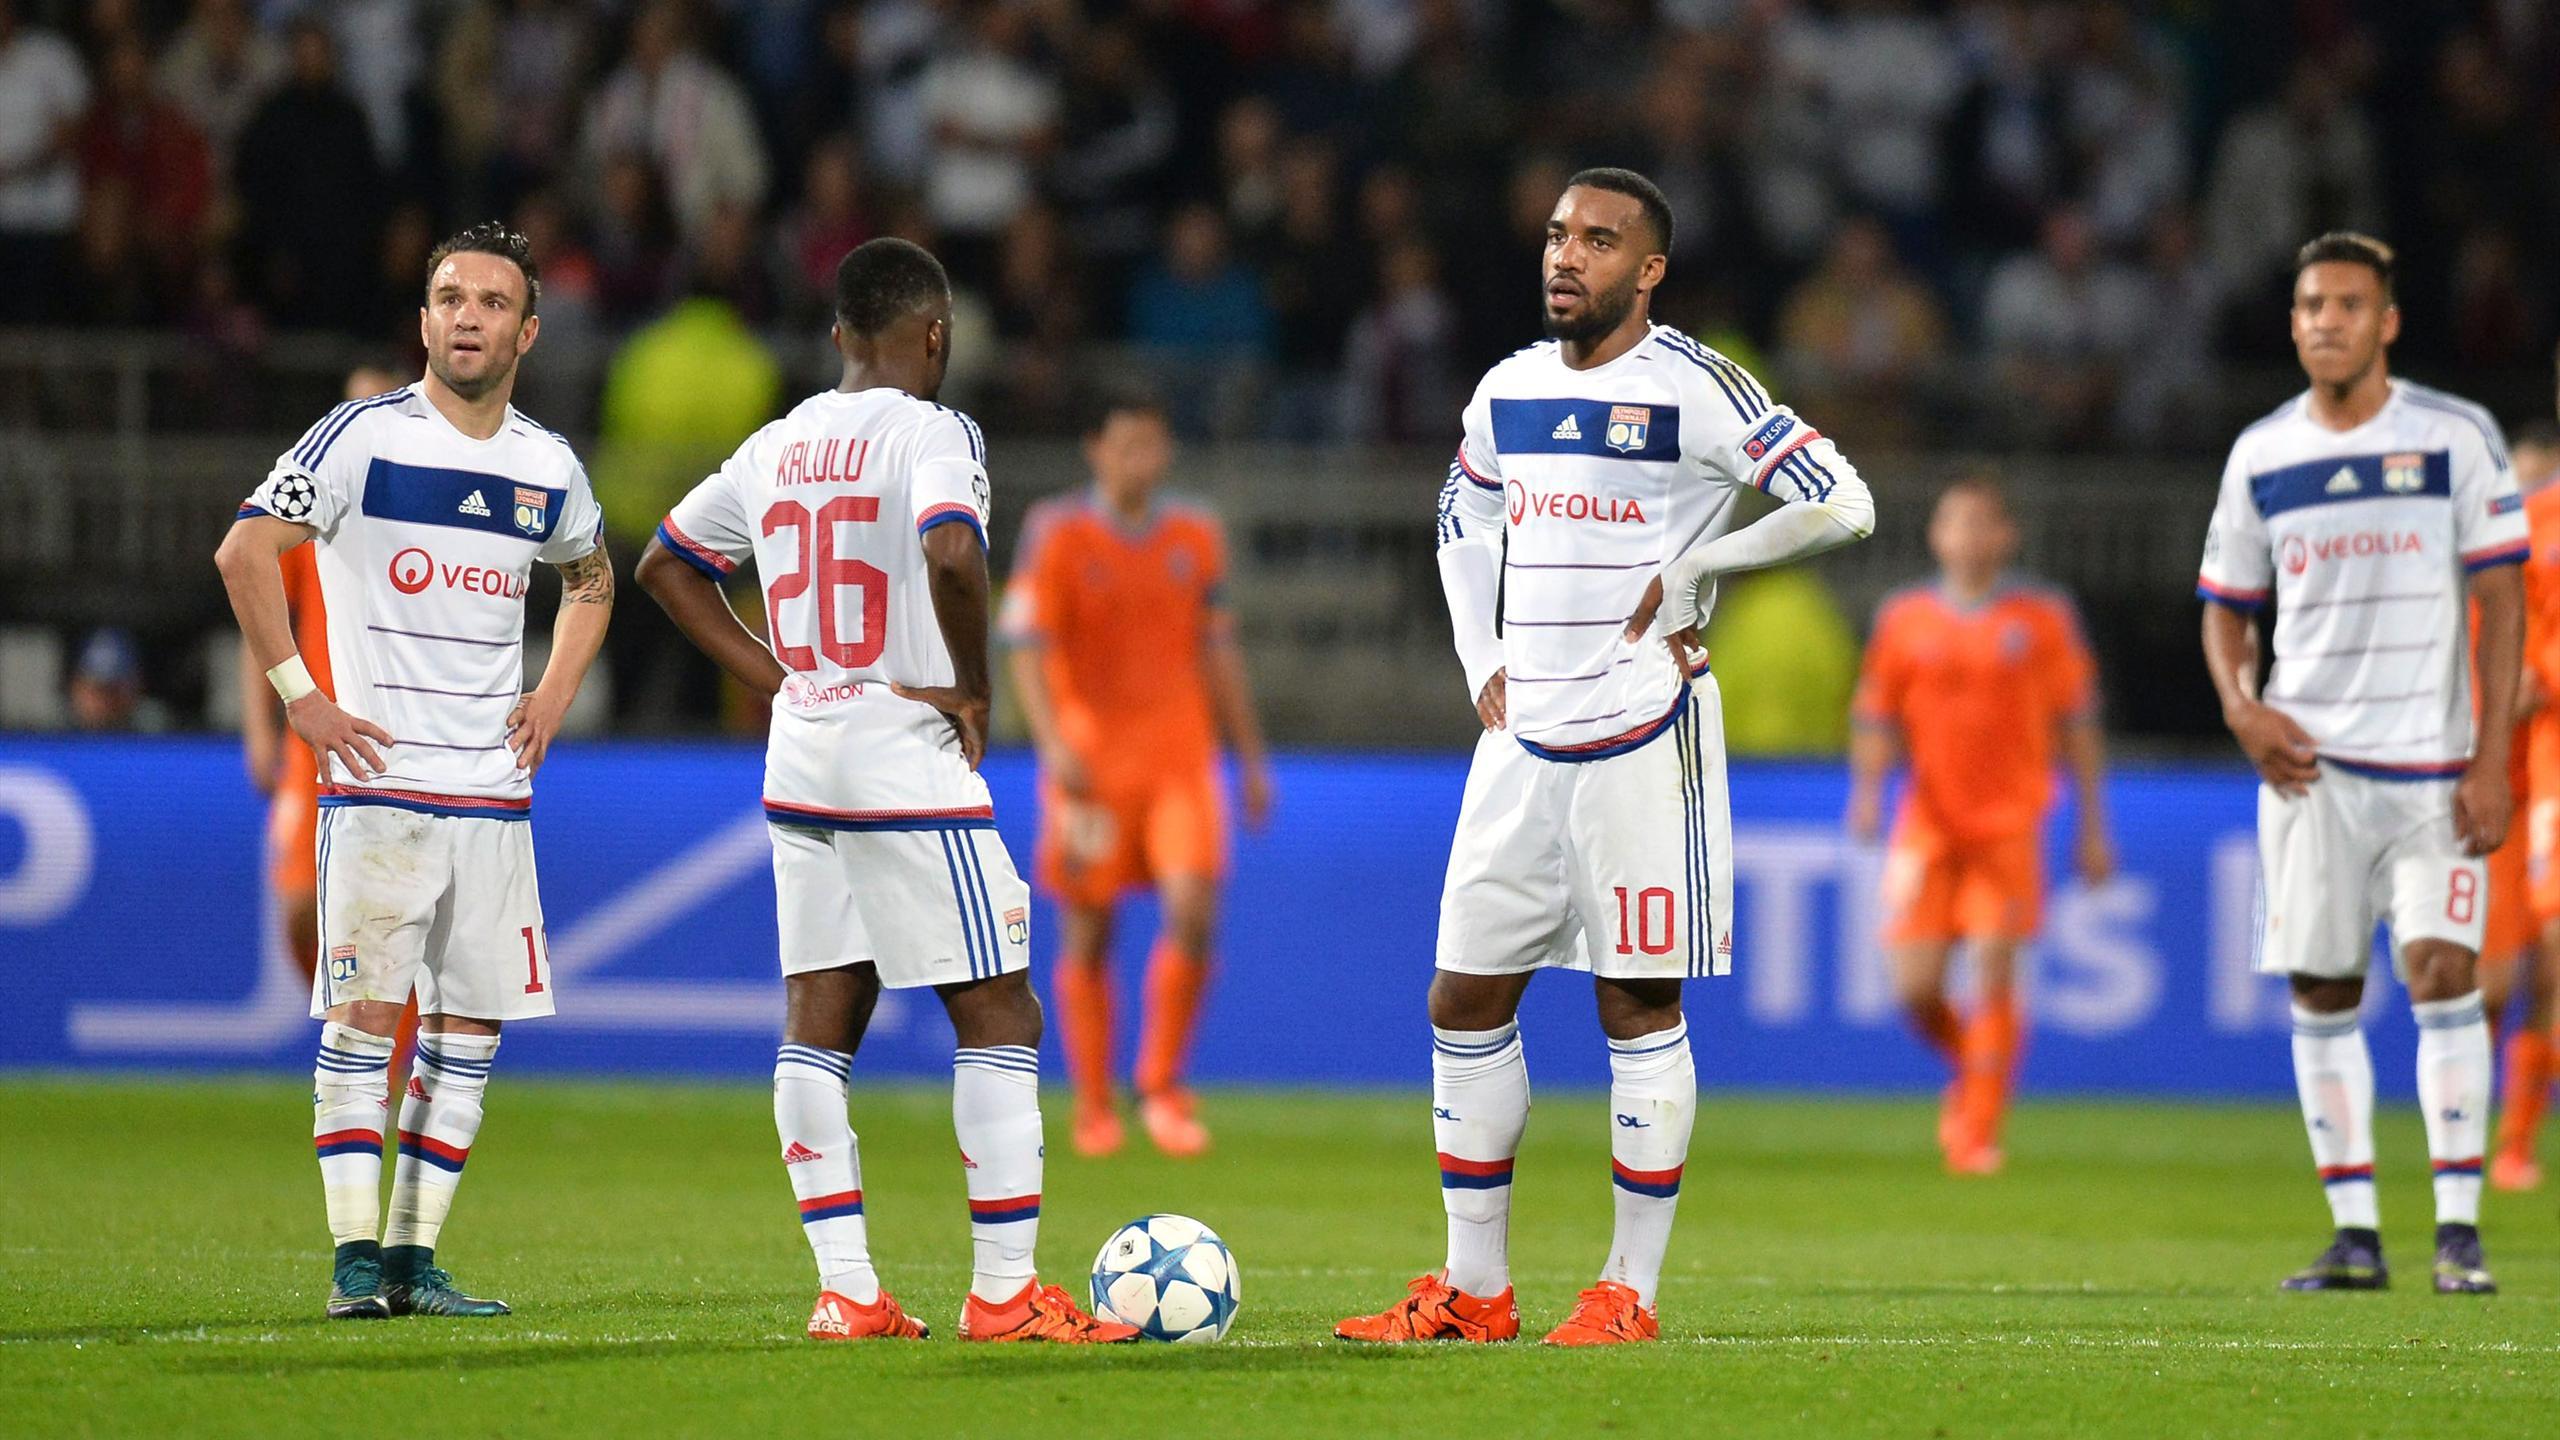 Valbuena et Lacazette dépité après la défaite de Lyon face à Valence en Ligue des champions